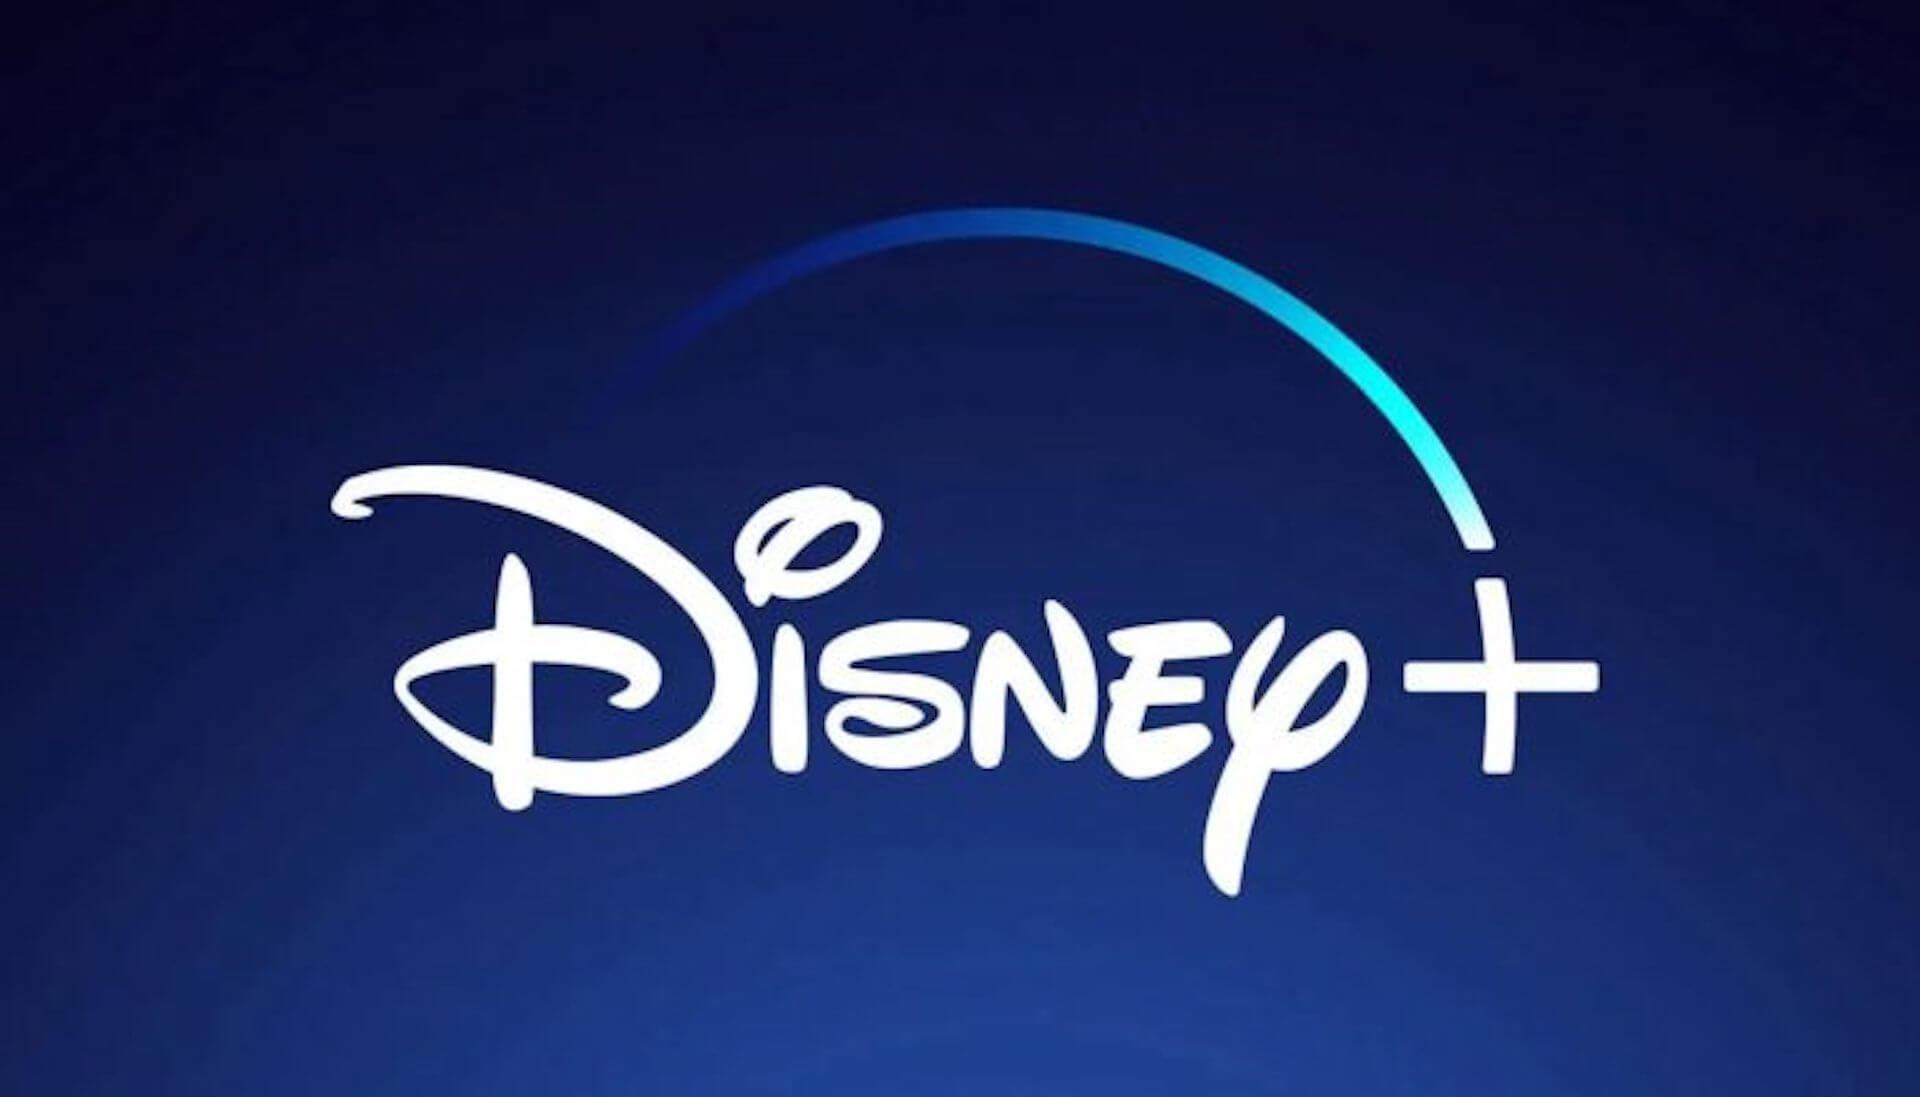 ディズニーの映像配信サービス「Disney+」が今年後半に日本に上陸か|全世界5,000万登録者突破 art200409_disneyplus_1